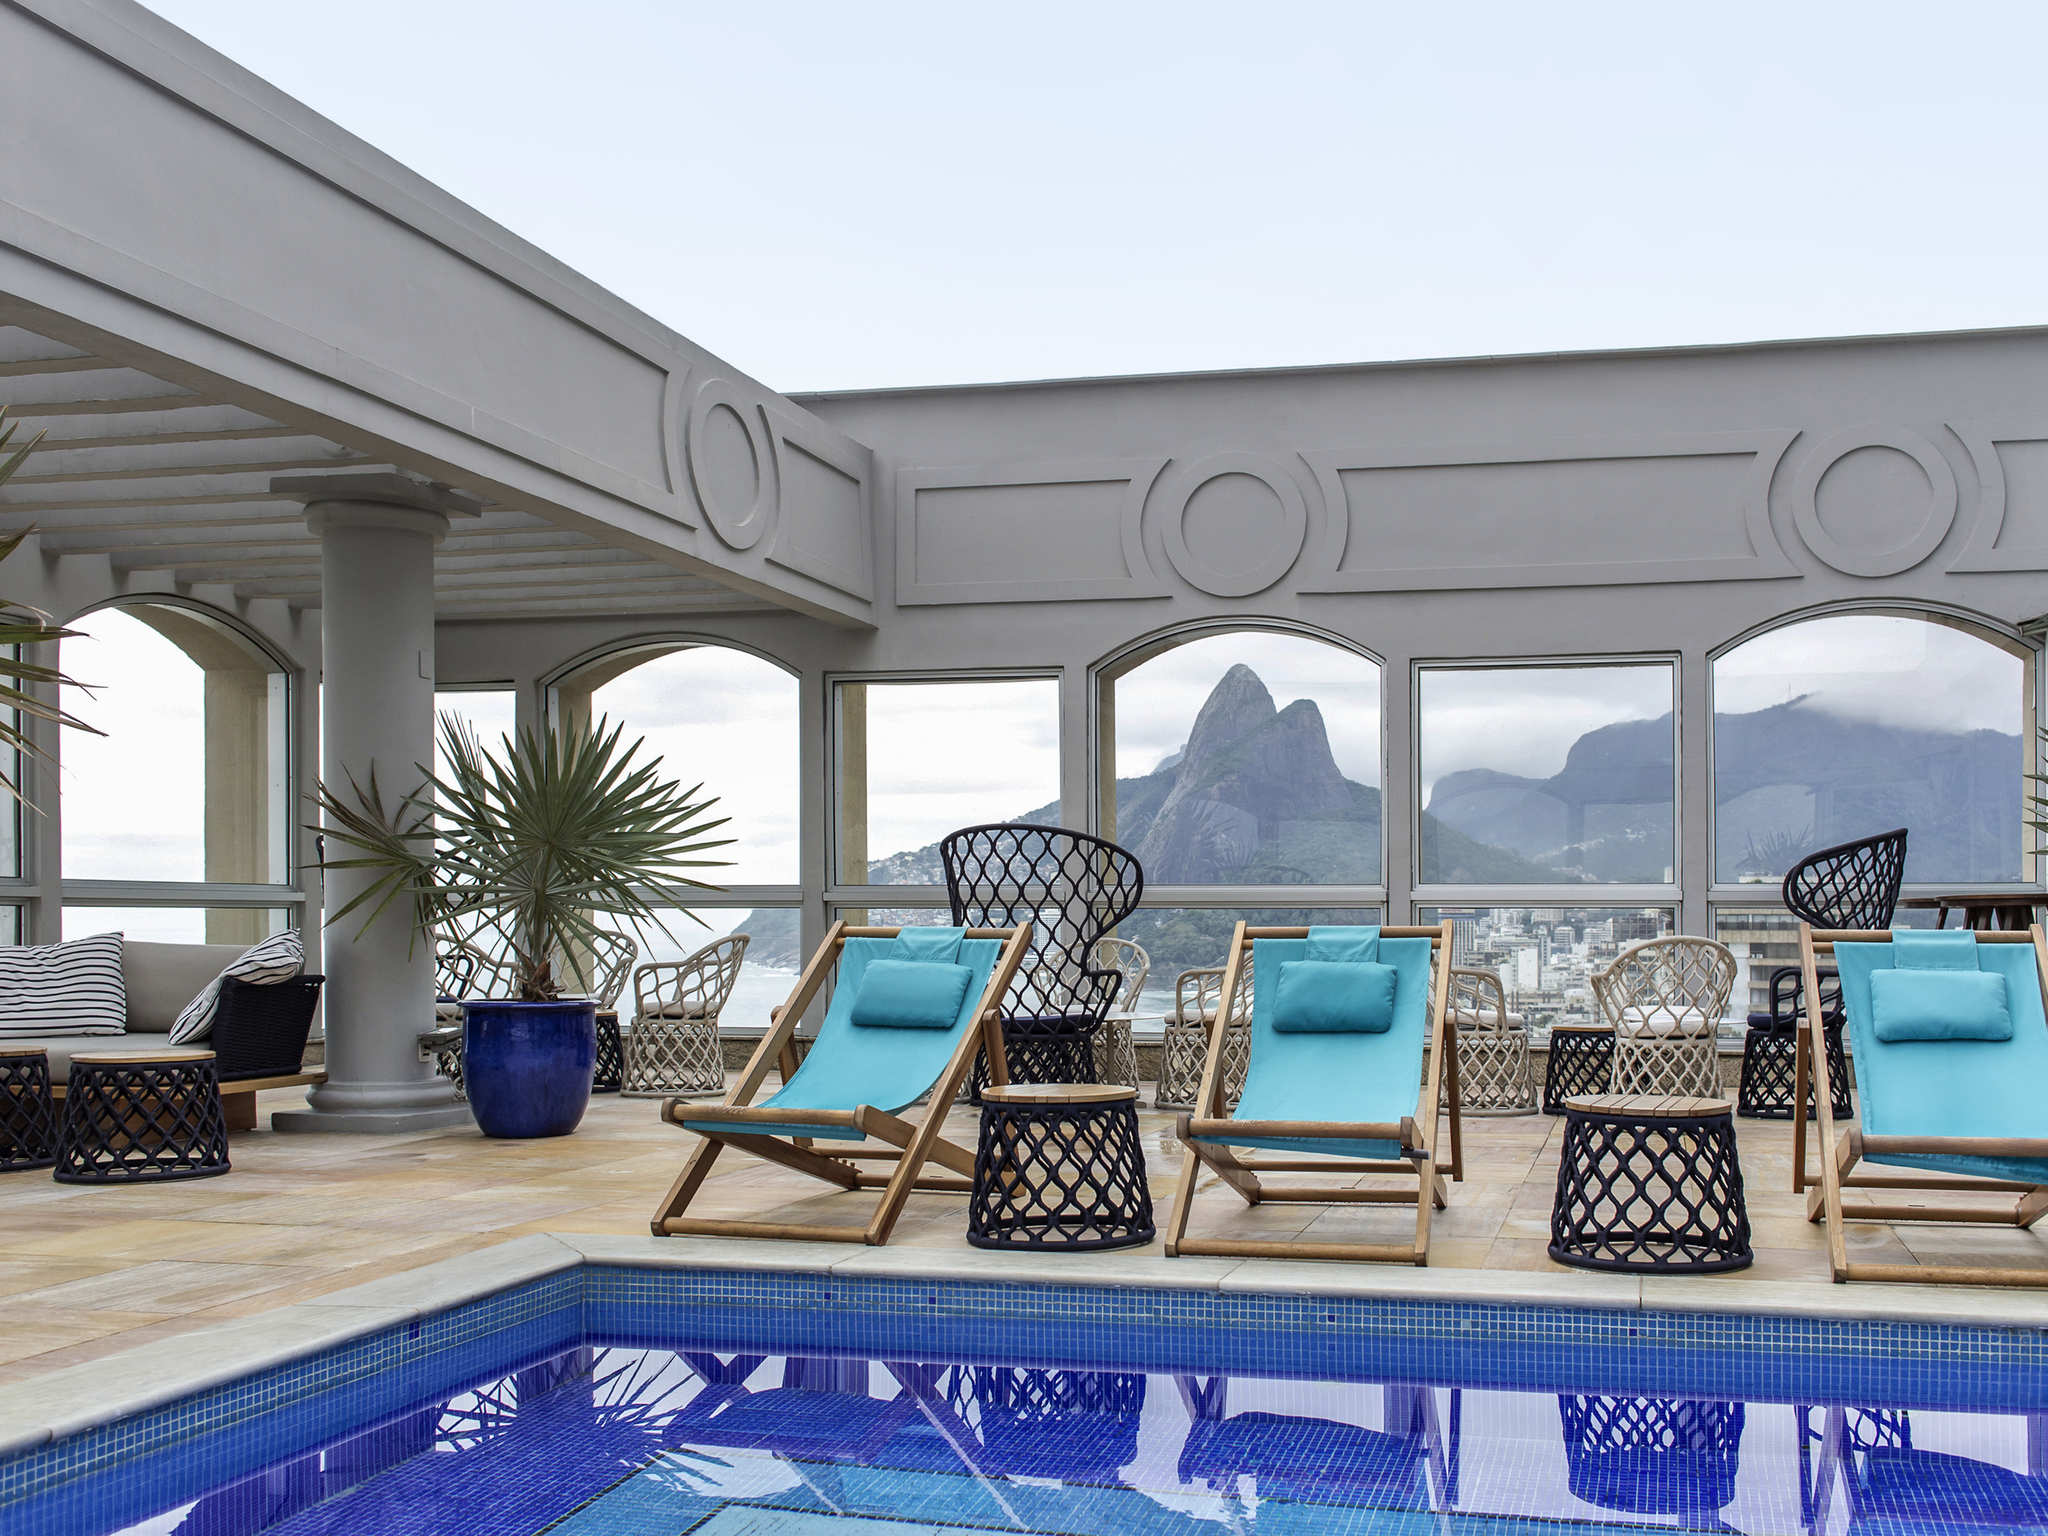 Hotel - Sofitel Rio de Janeiro Ipanema